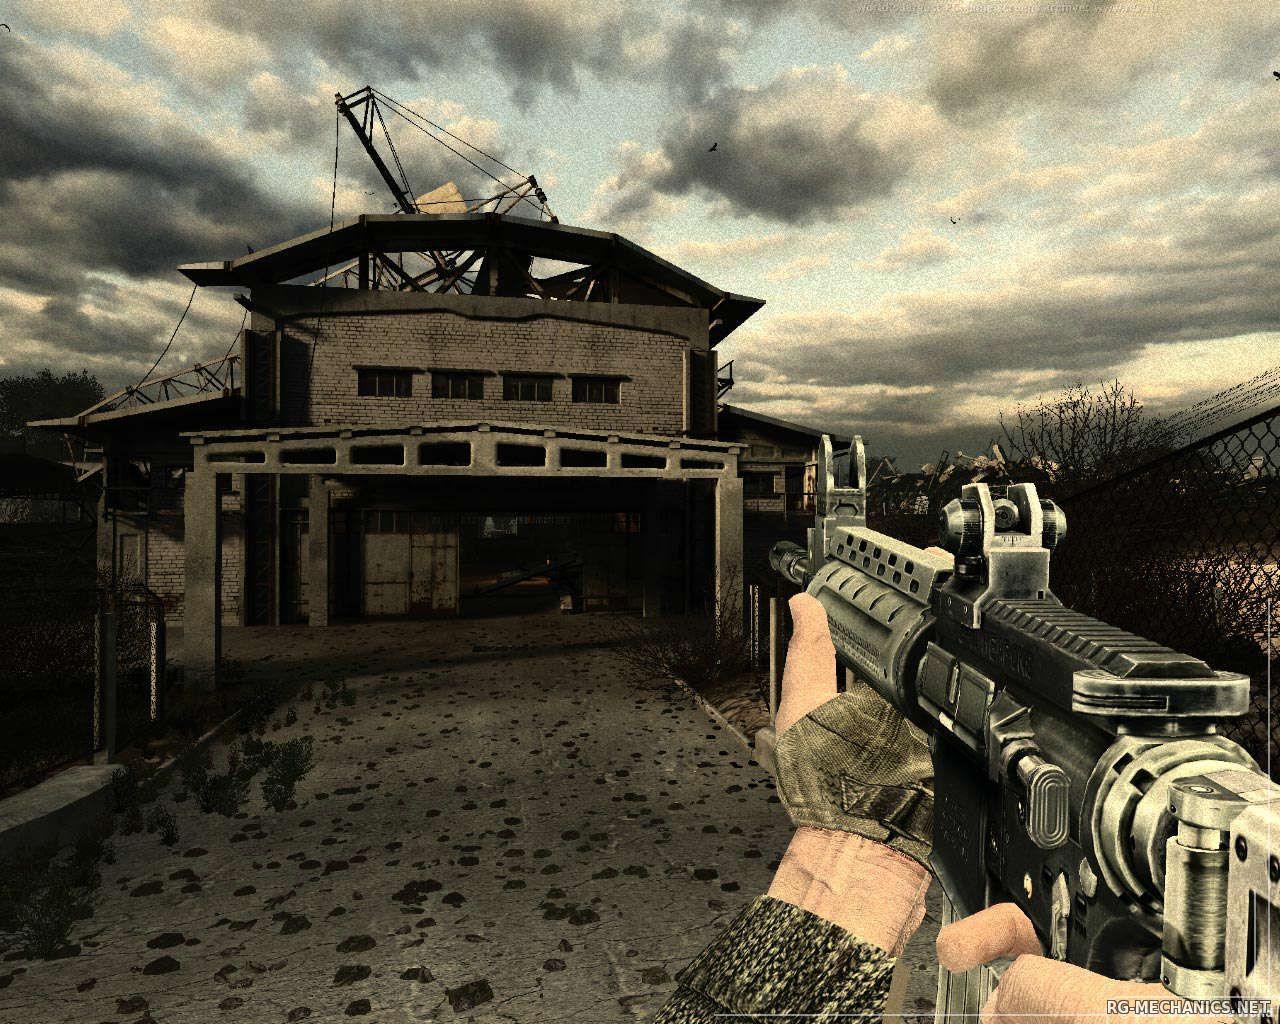 Скриншот к игре S.T.A.L.K.E.R. Трилогия / S.T.A.L.K.E.R. Trilogy (2007-2010) PC | RePack от R.G. Механики